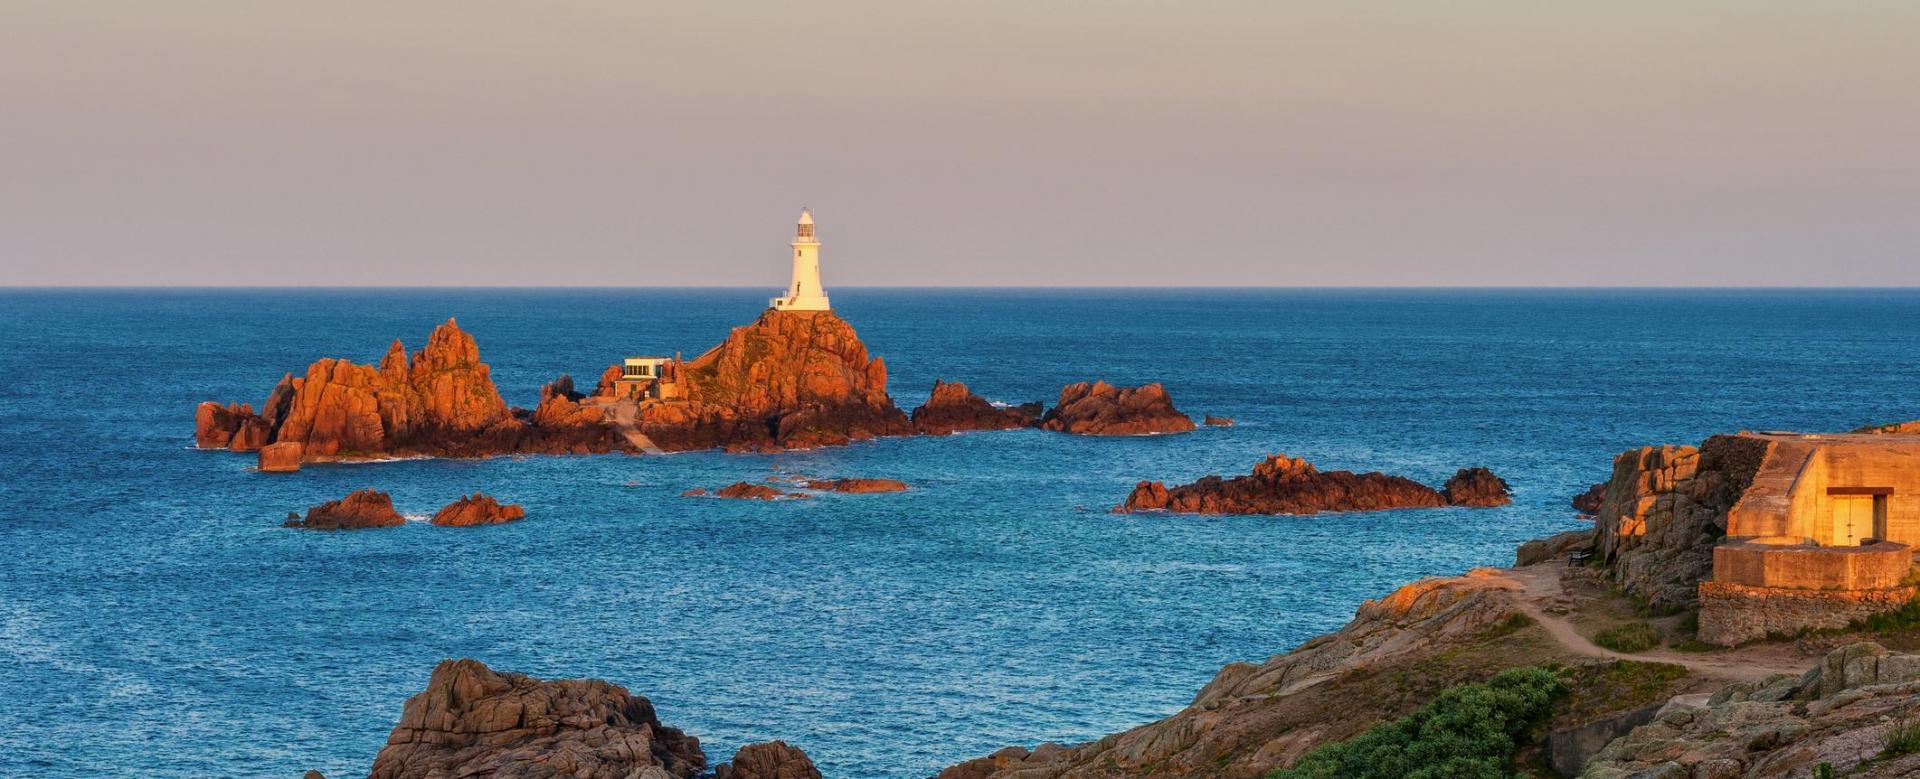 Voyage sur l'eau : Les îles anglo-normandes